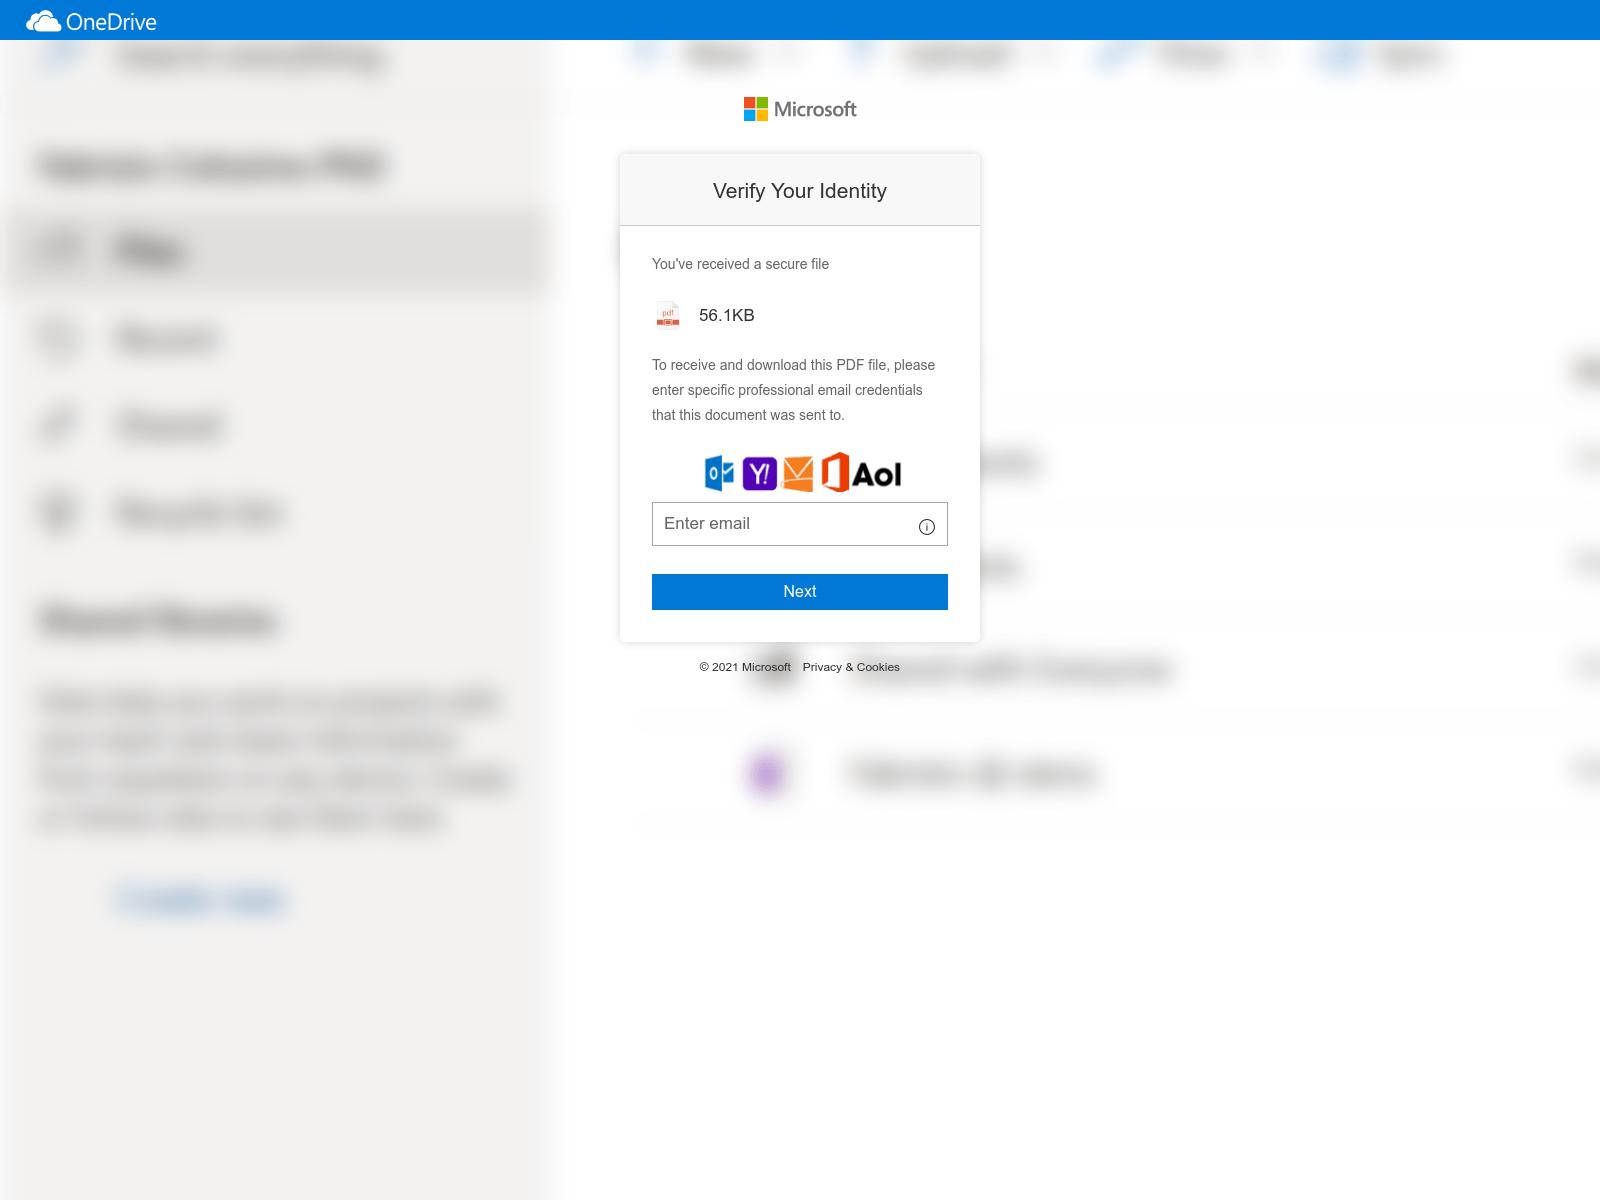 Microsoftを装う別の悪質なログインリクエスト。攻撃者はこの図のような企業のロゴを使い正当性を演出する